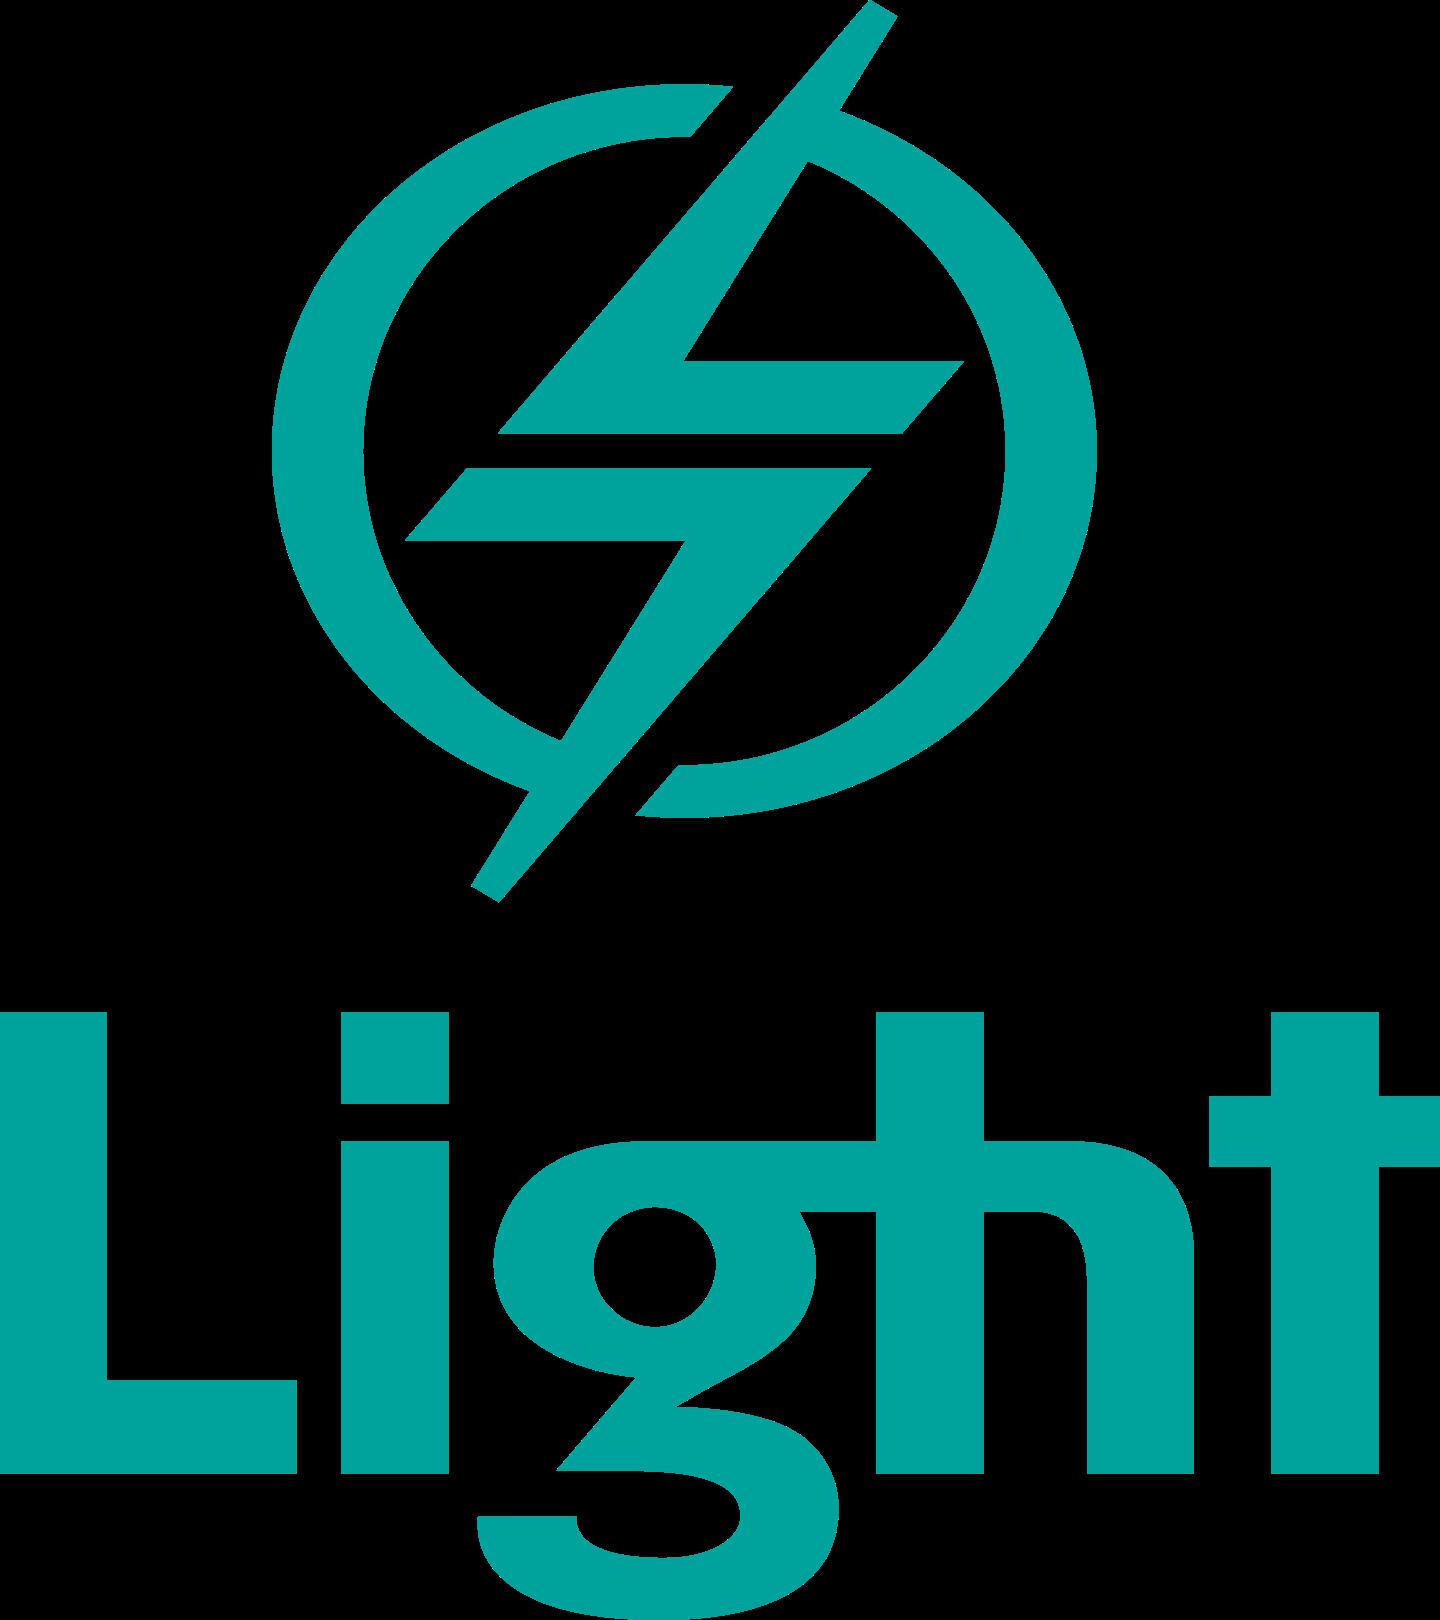 light logo 3 - Light Energia Logo